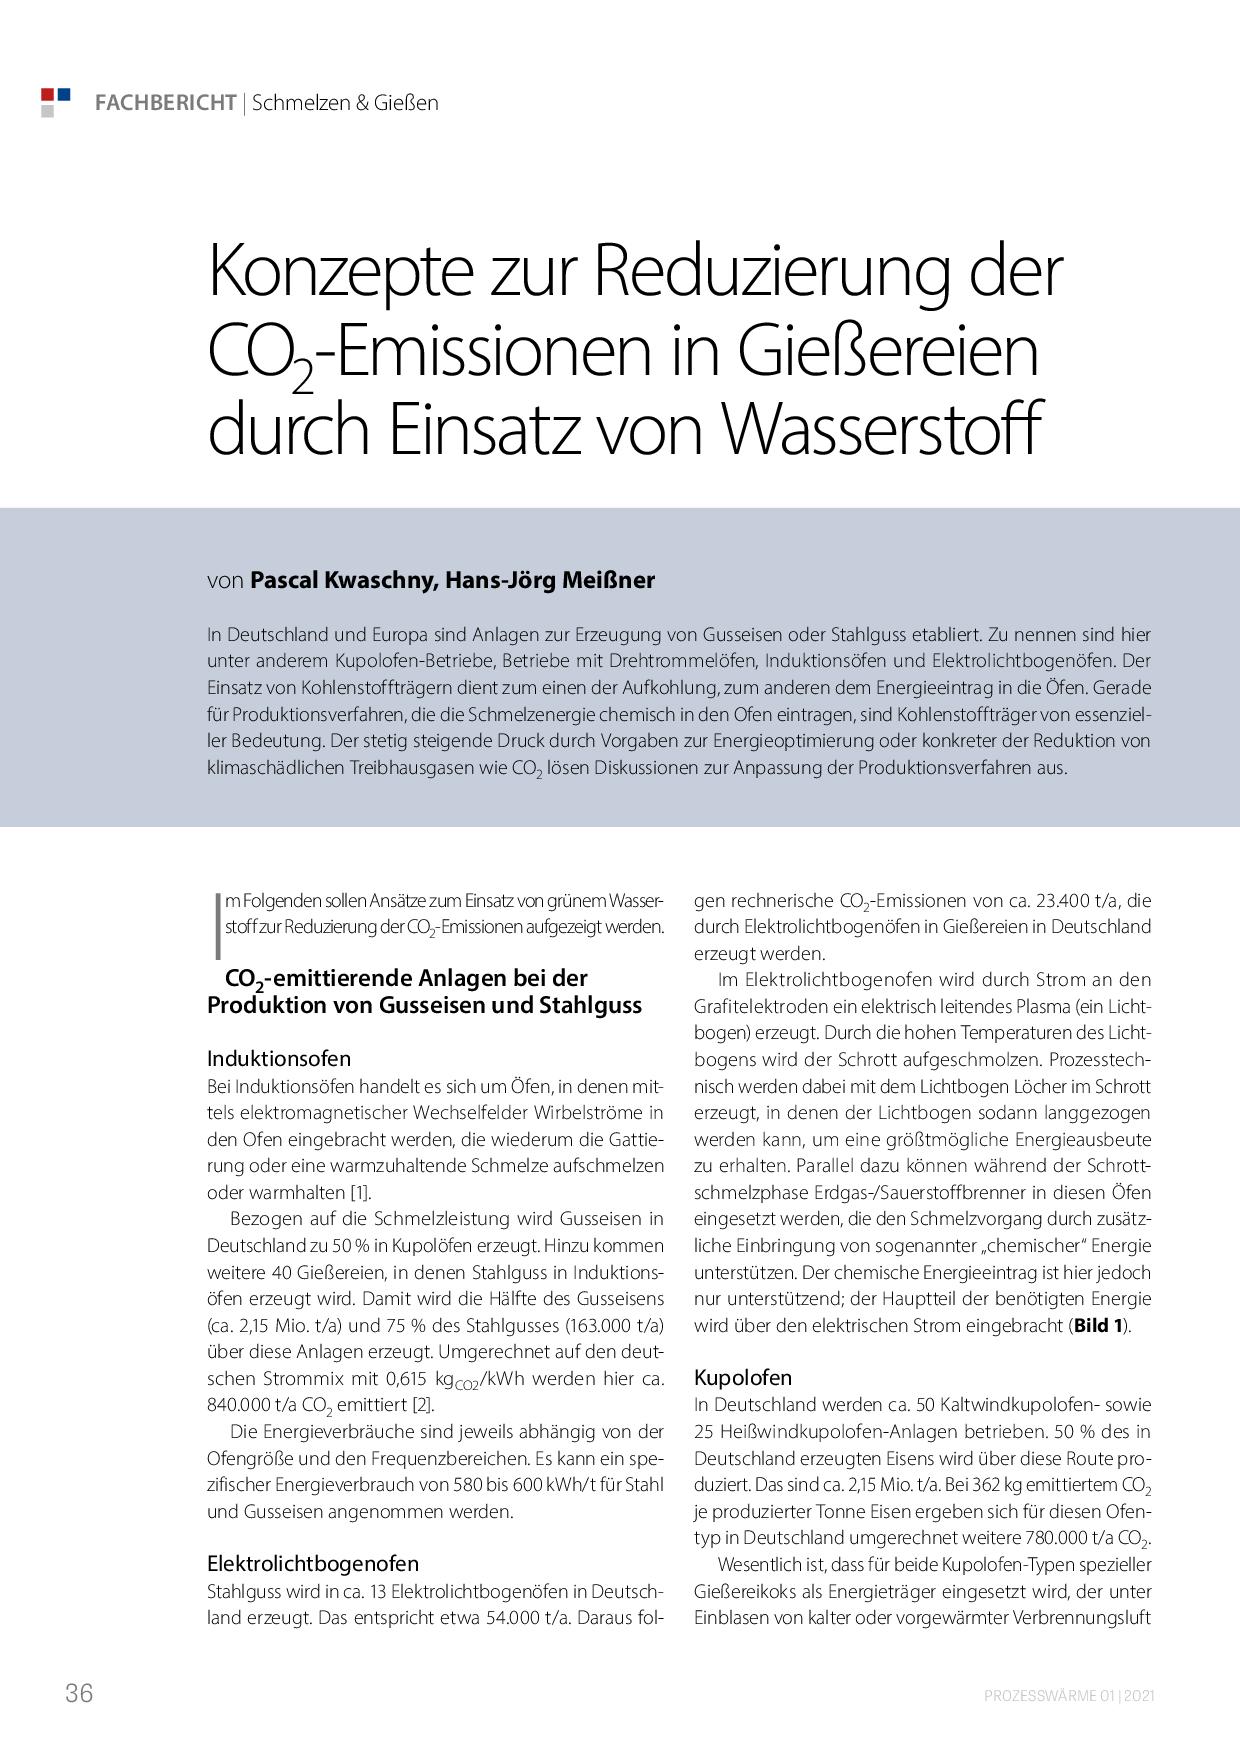 Konzepte zur Reduzierung der CO2-Emissionen in Gießereien durch Einsatz von Wasserstoff